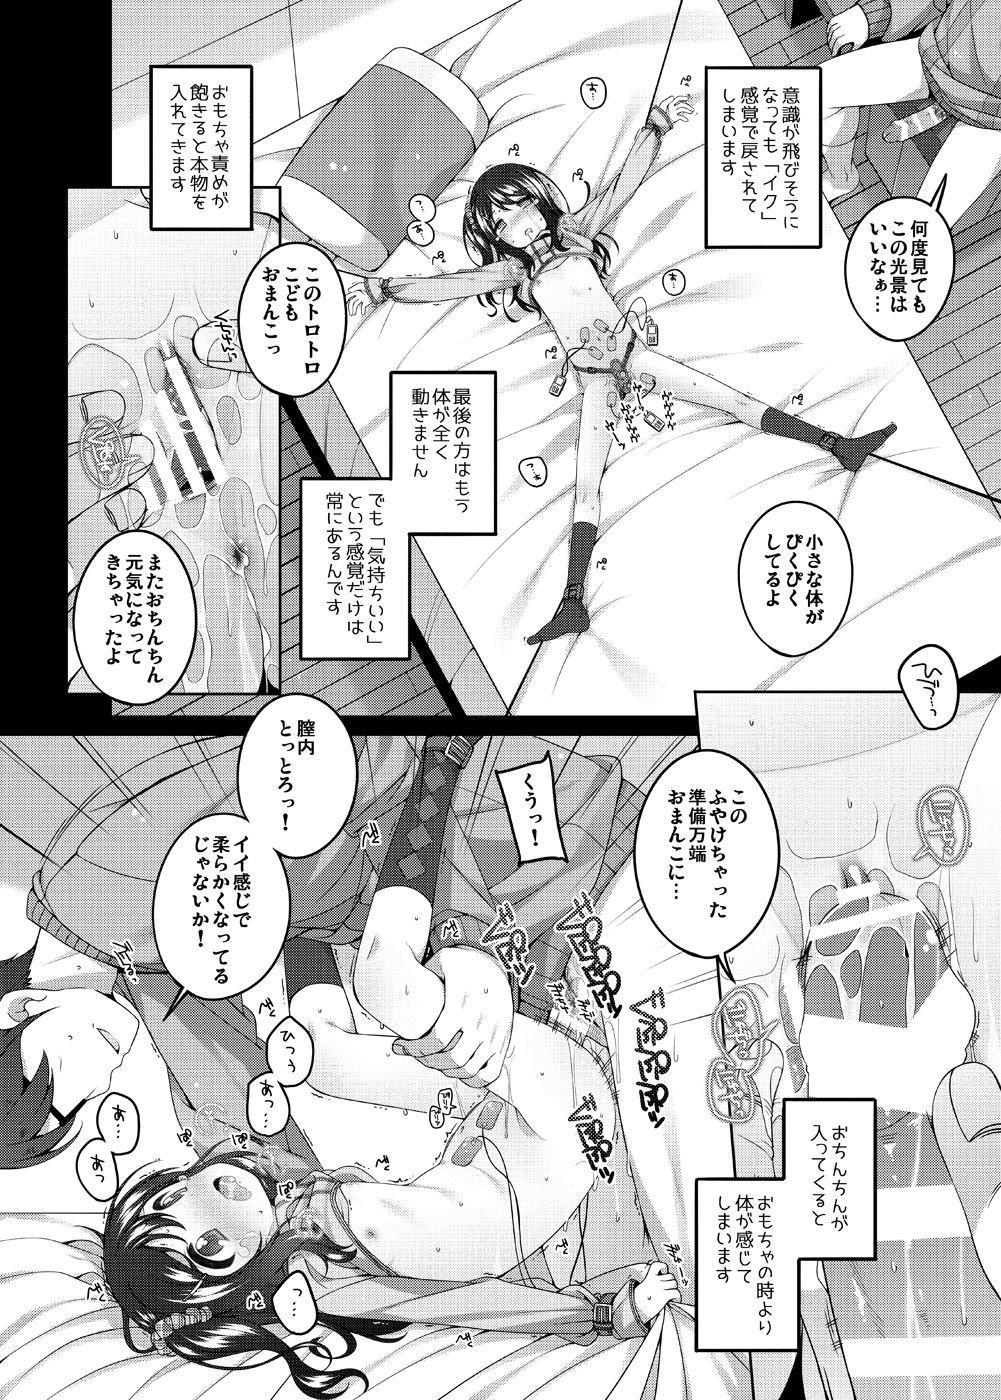 Yukari-chan no Hibi Okasareru Hanashi 14